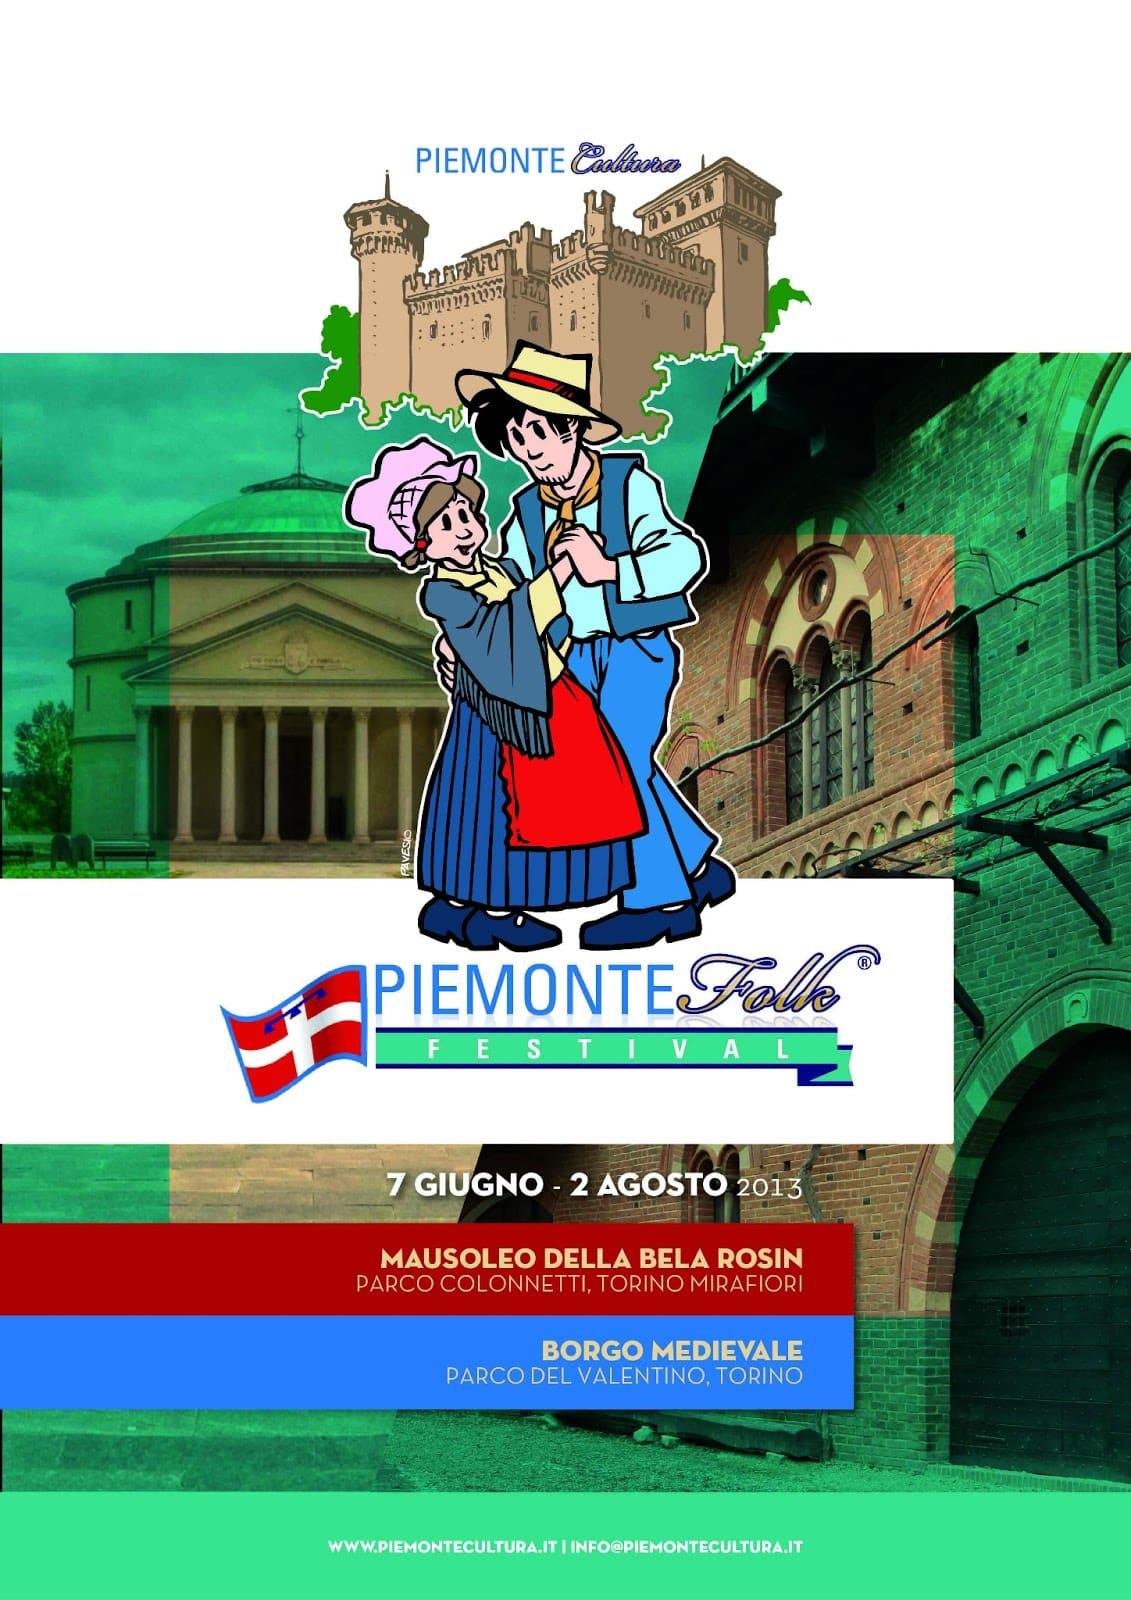 Torino, 13 e 14 luglio - Sarabanda al Borgo